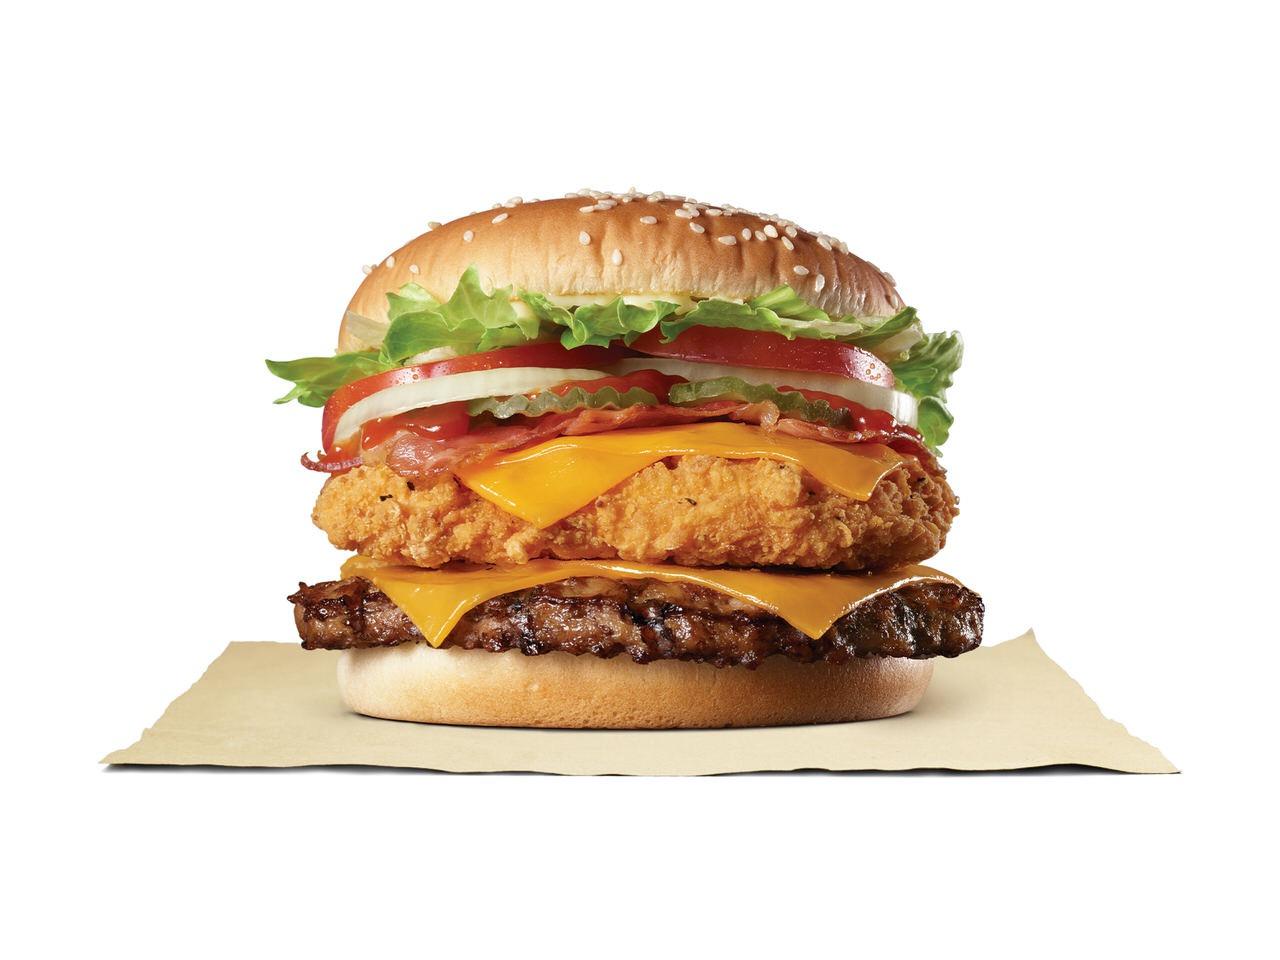 ビーフとチキンを重ねる!バーガーキング最大ボリュームの「デラックスチキンワッパー」3月6日より発売開始